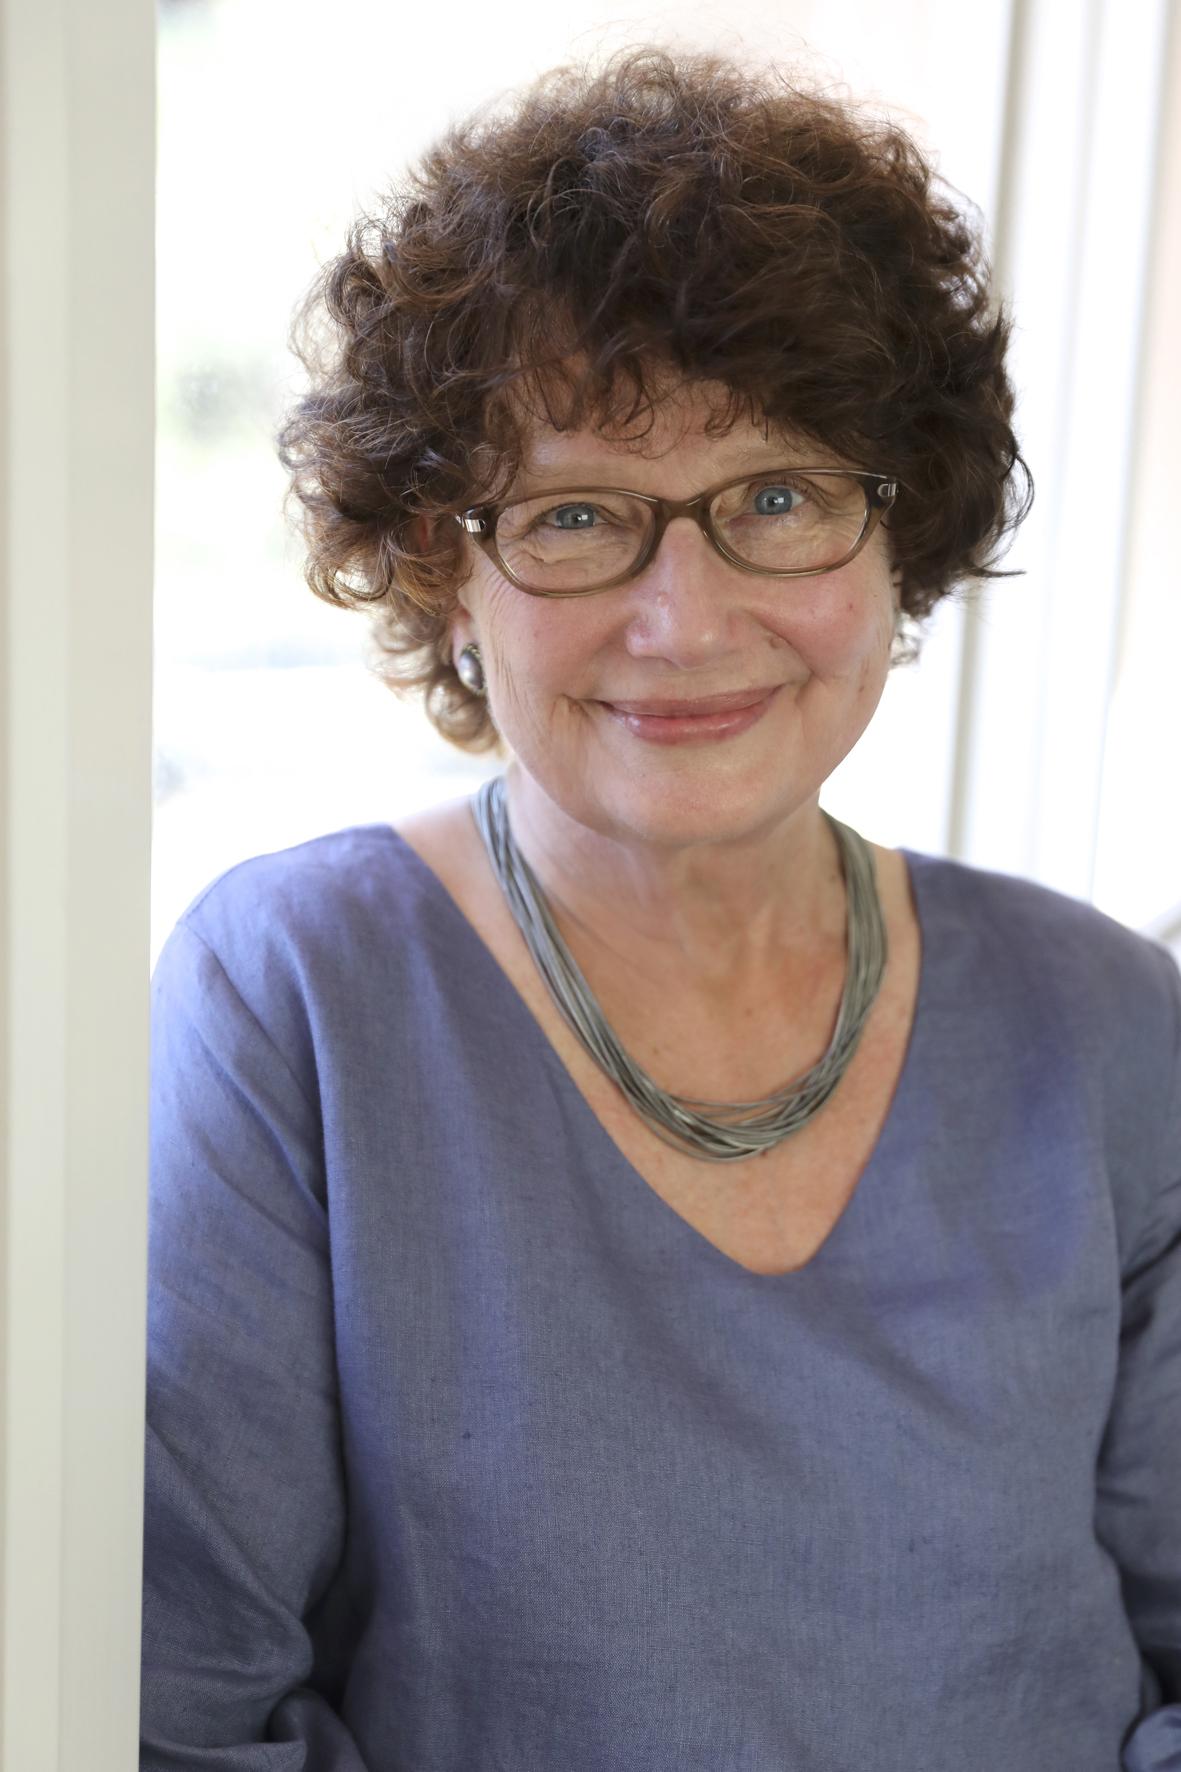 Vicki Laveau-Harvie